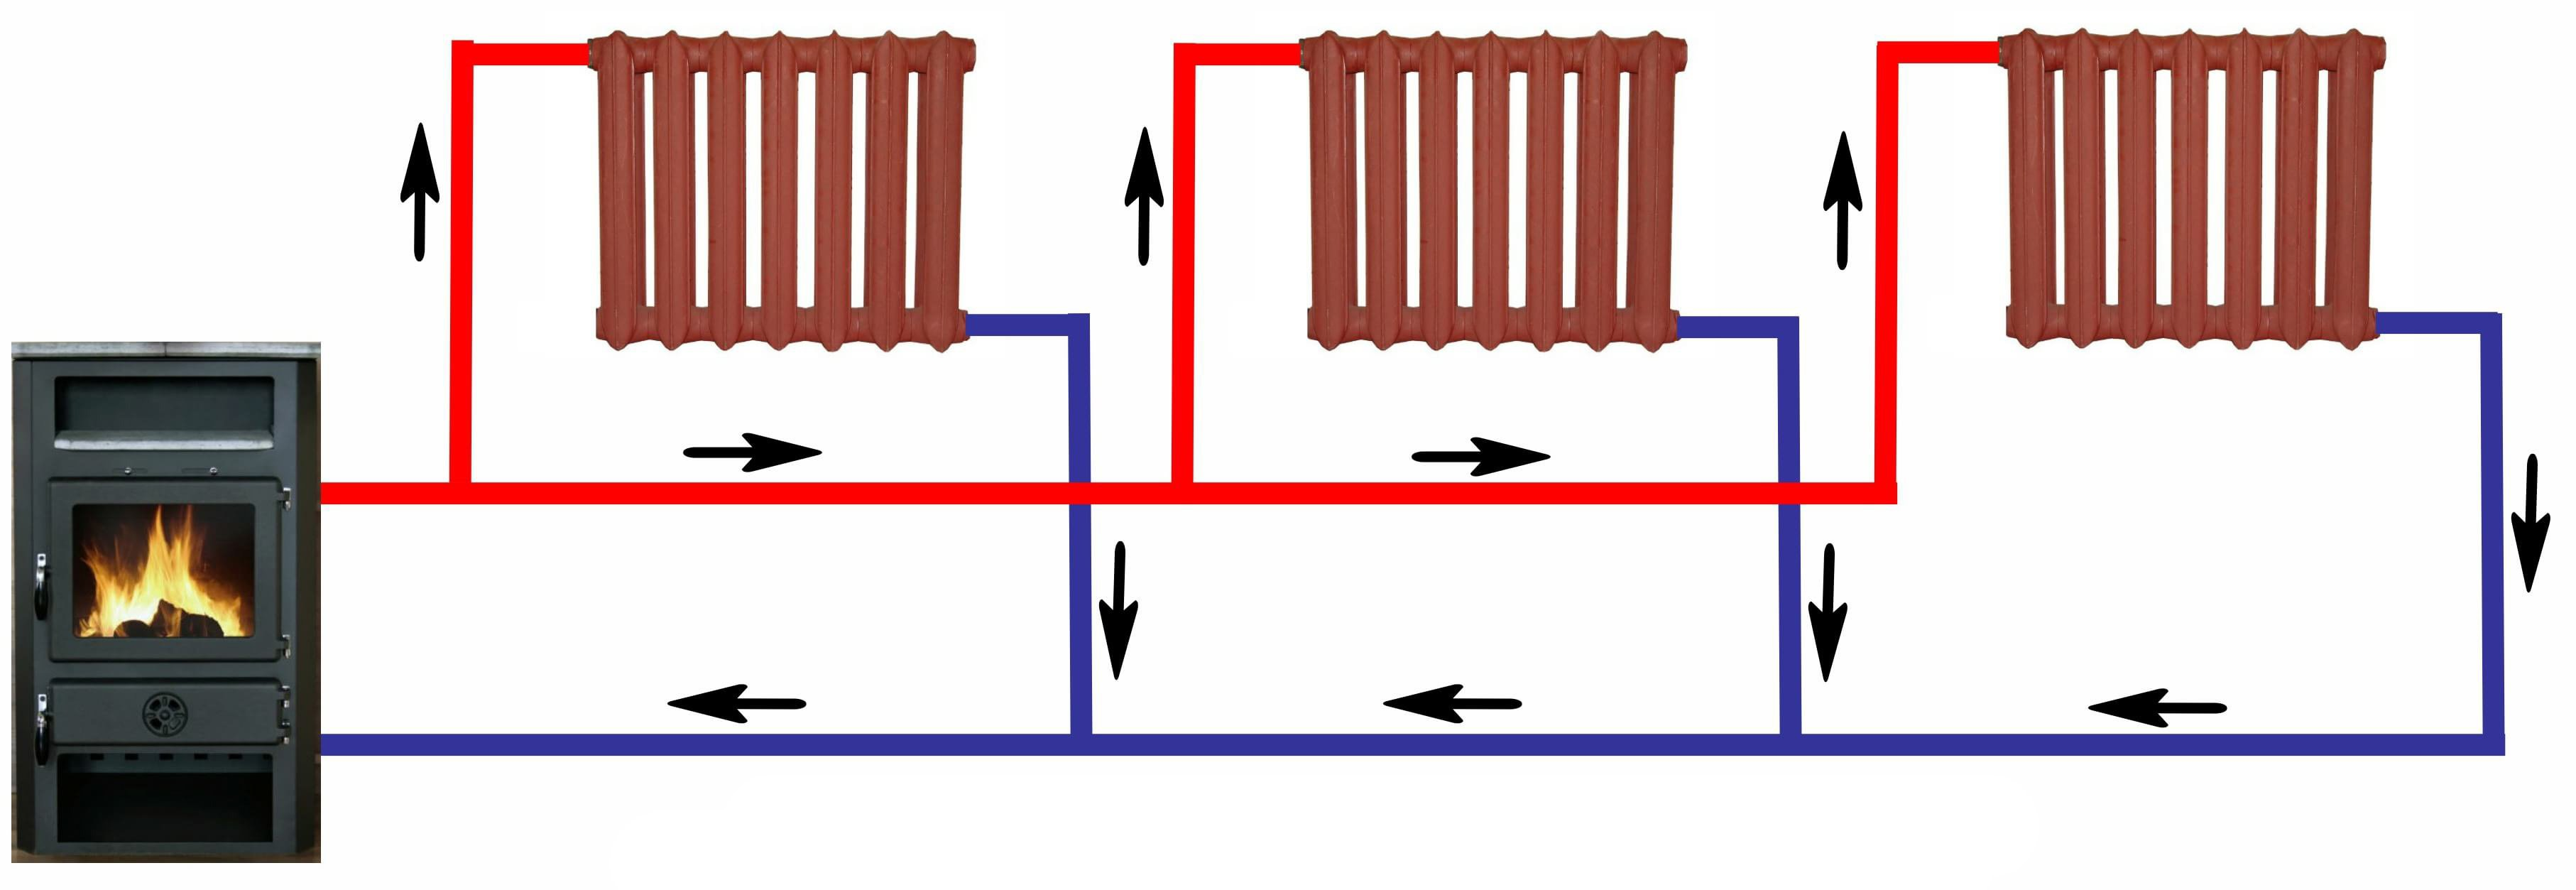 Двухтрубная система отопления в одноэтажном доме